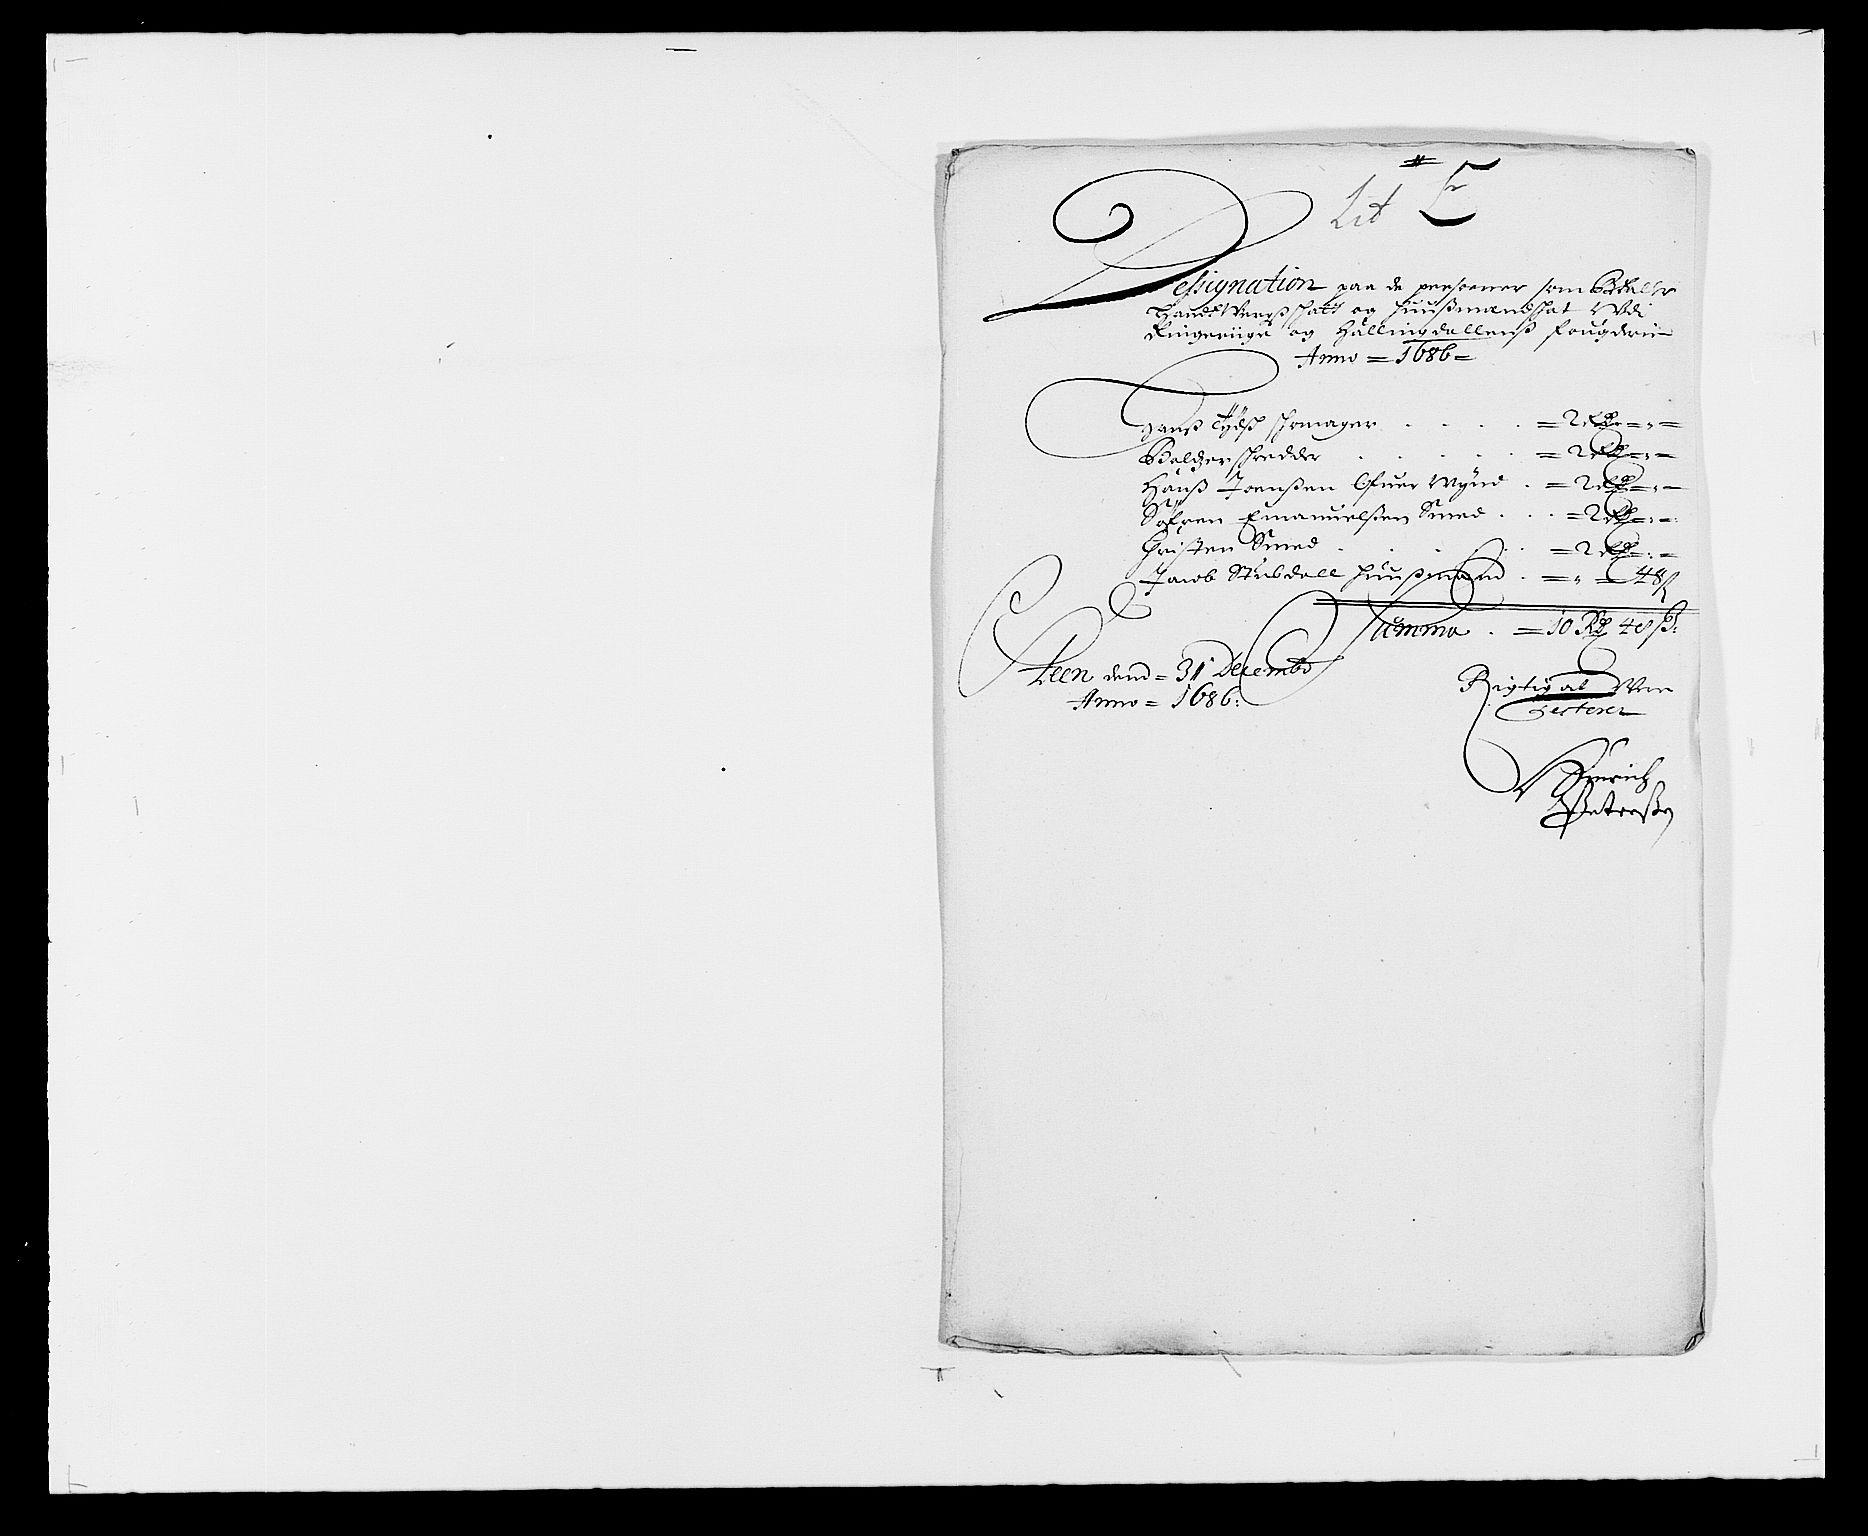 RA, Rentekammeret inntil 1814, Reviderte regnskaper, Fogderegnskap, R21/L1446: Fogderegnskap Ringerike og Hallingdal, 1683-1686, s. 470